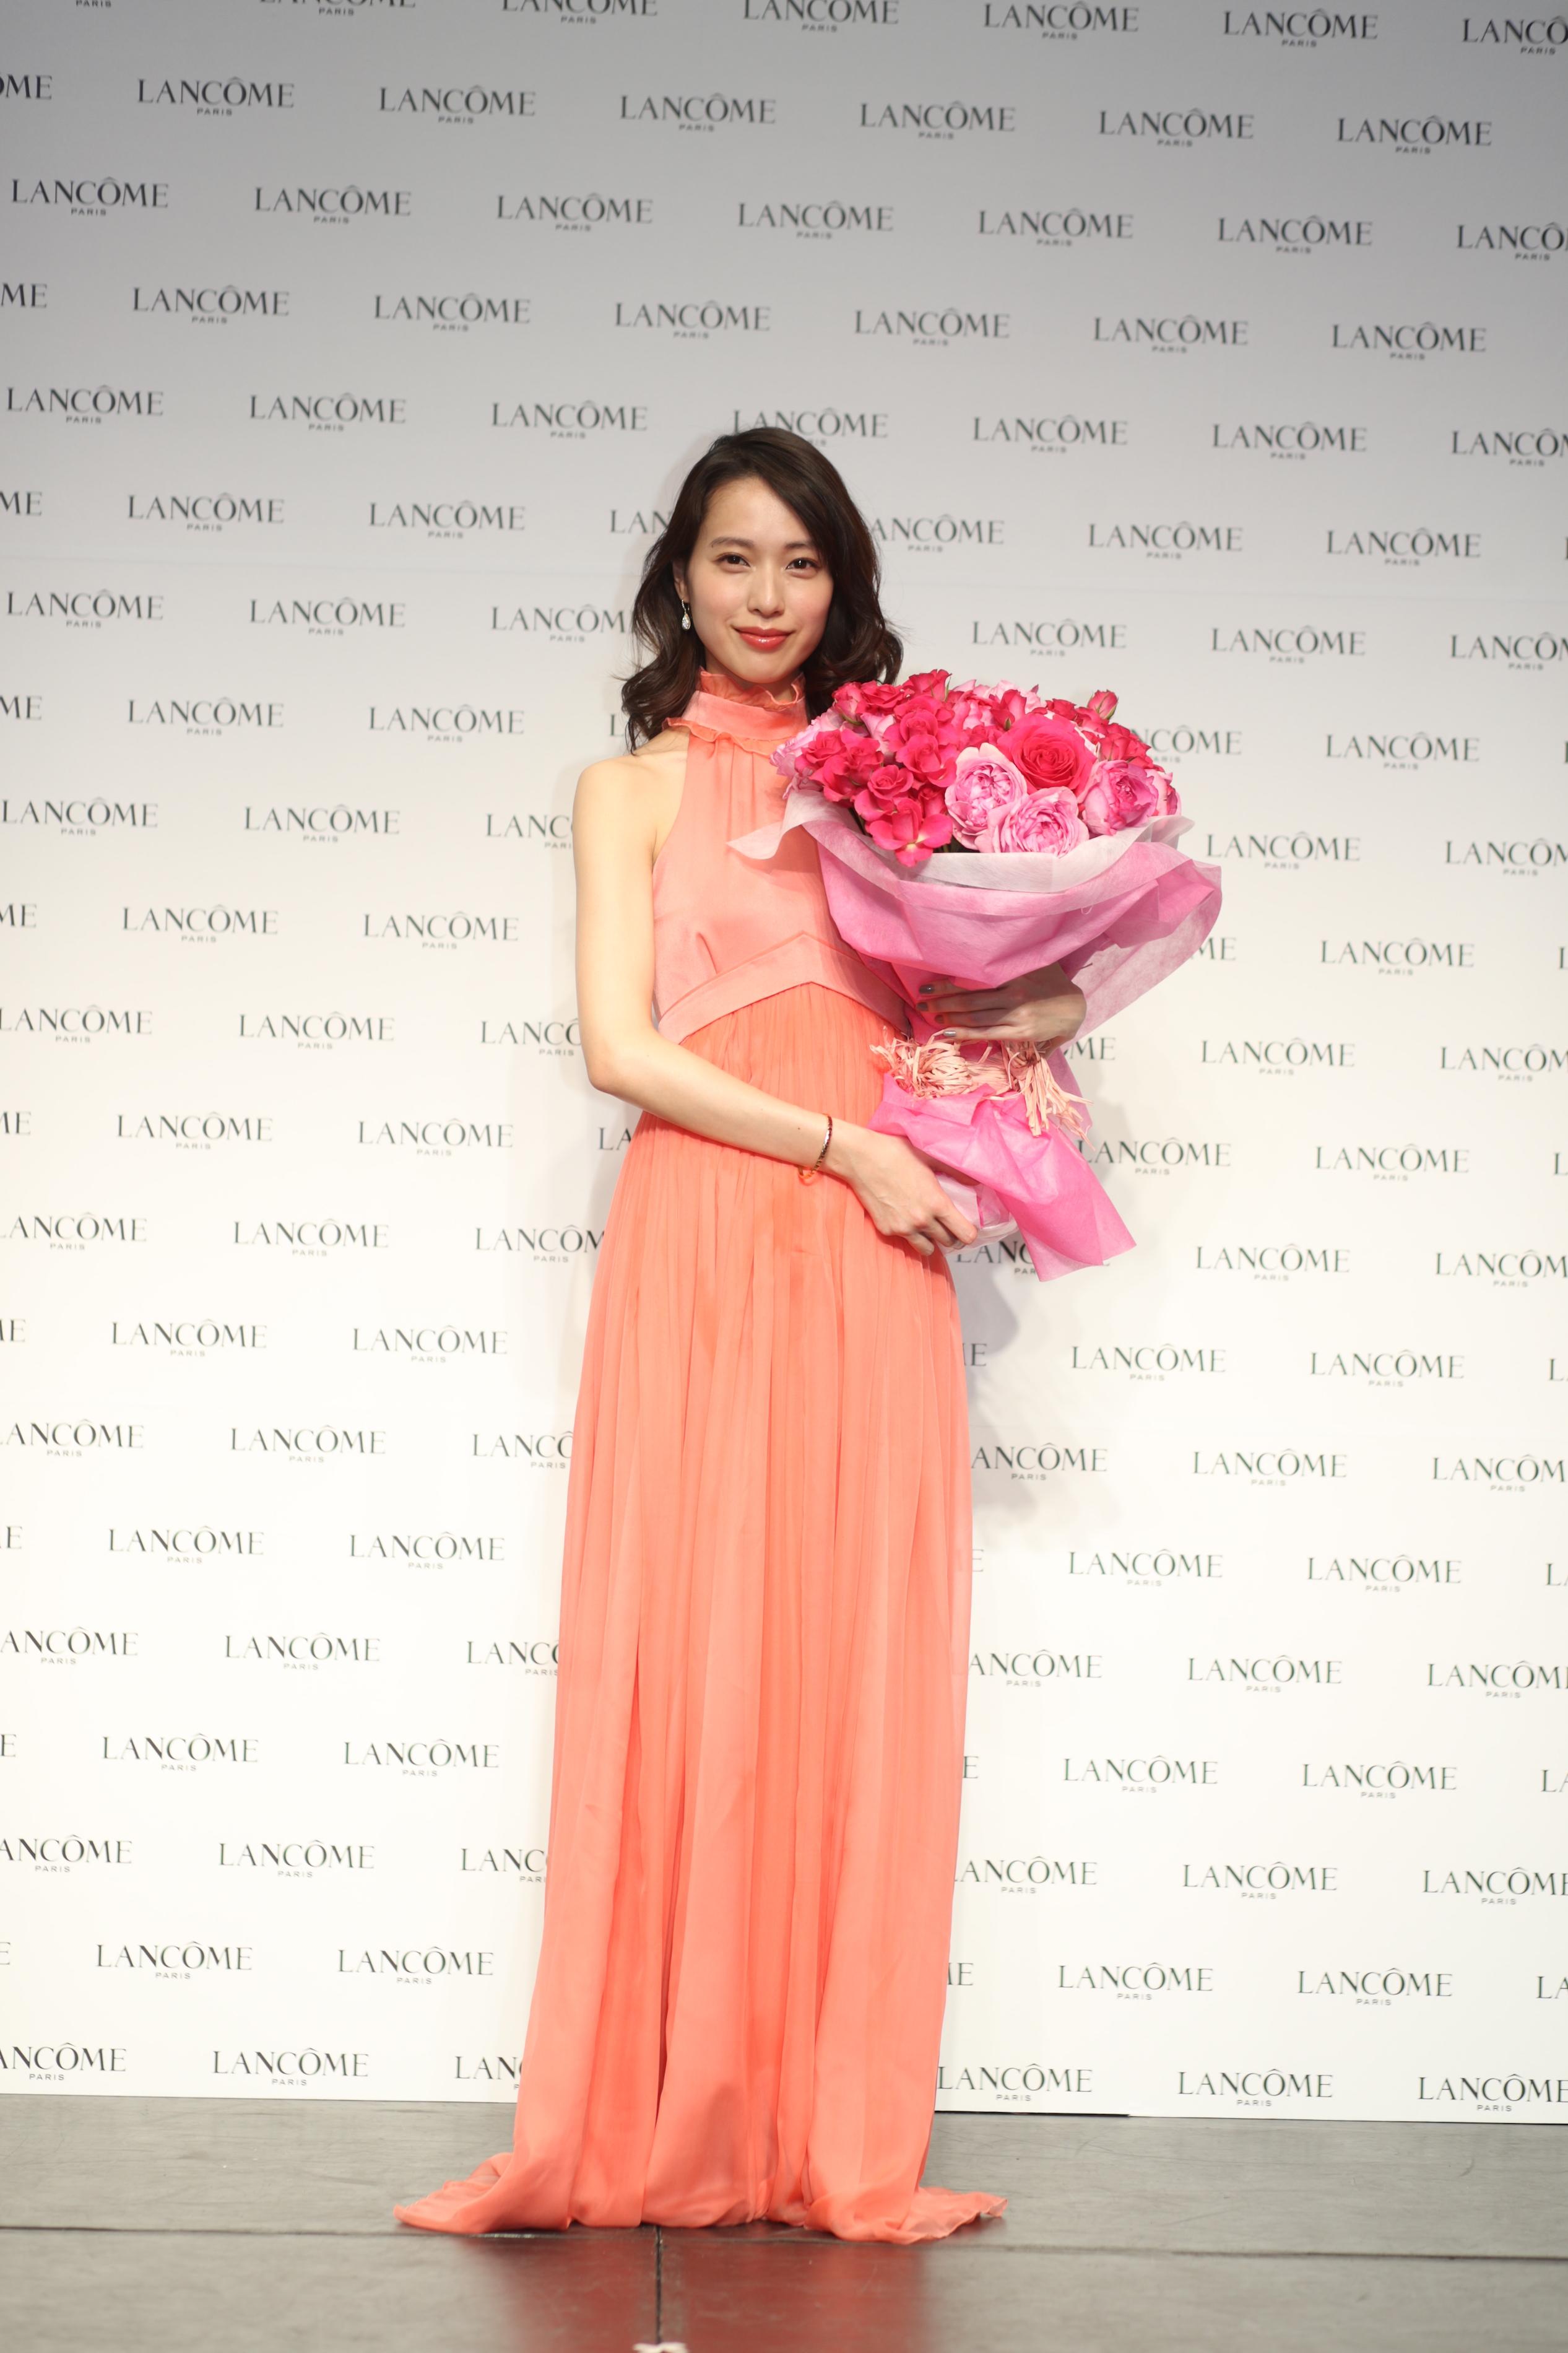 ピンクのドレスの戸田恵梨香